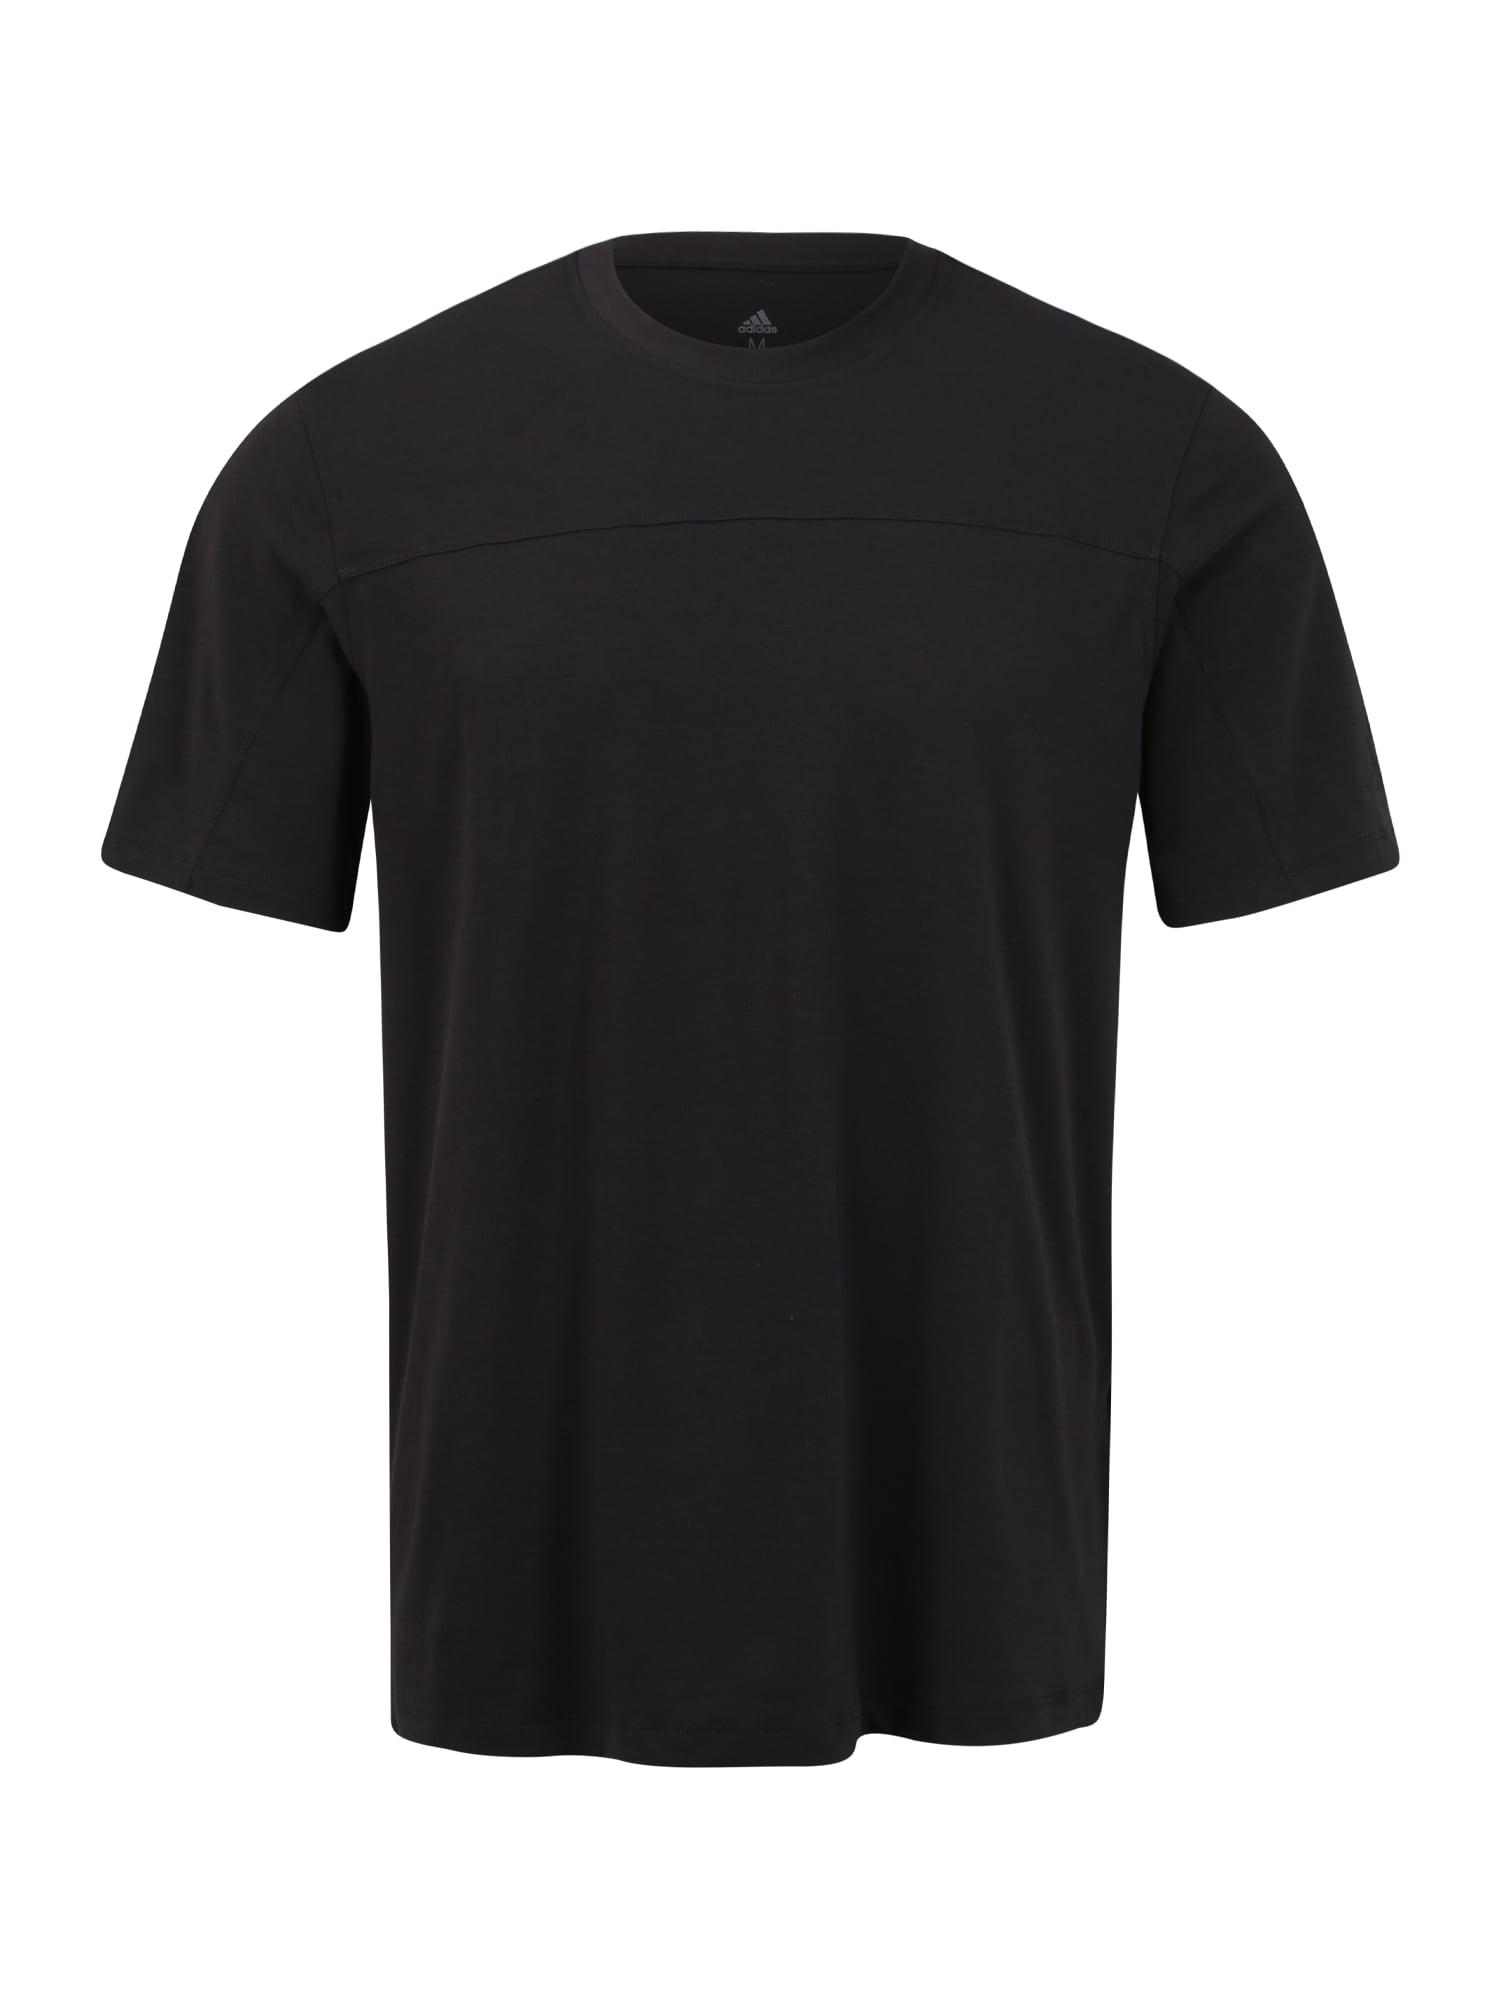 ADIDAS PERFORMANCE Sportiniai marškinėliai 'CITY BASE' juoda